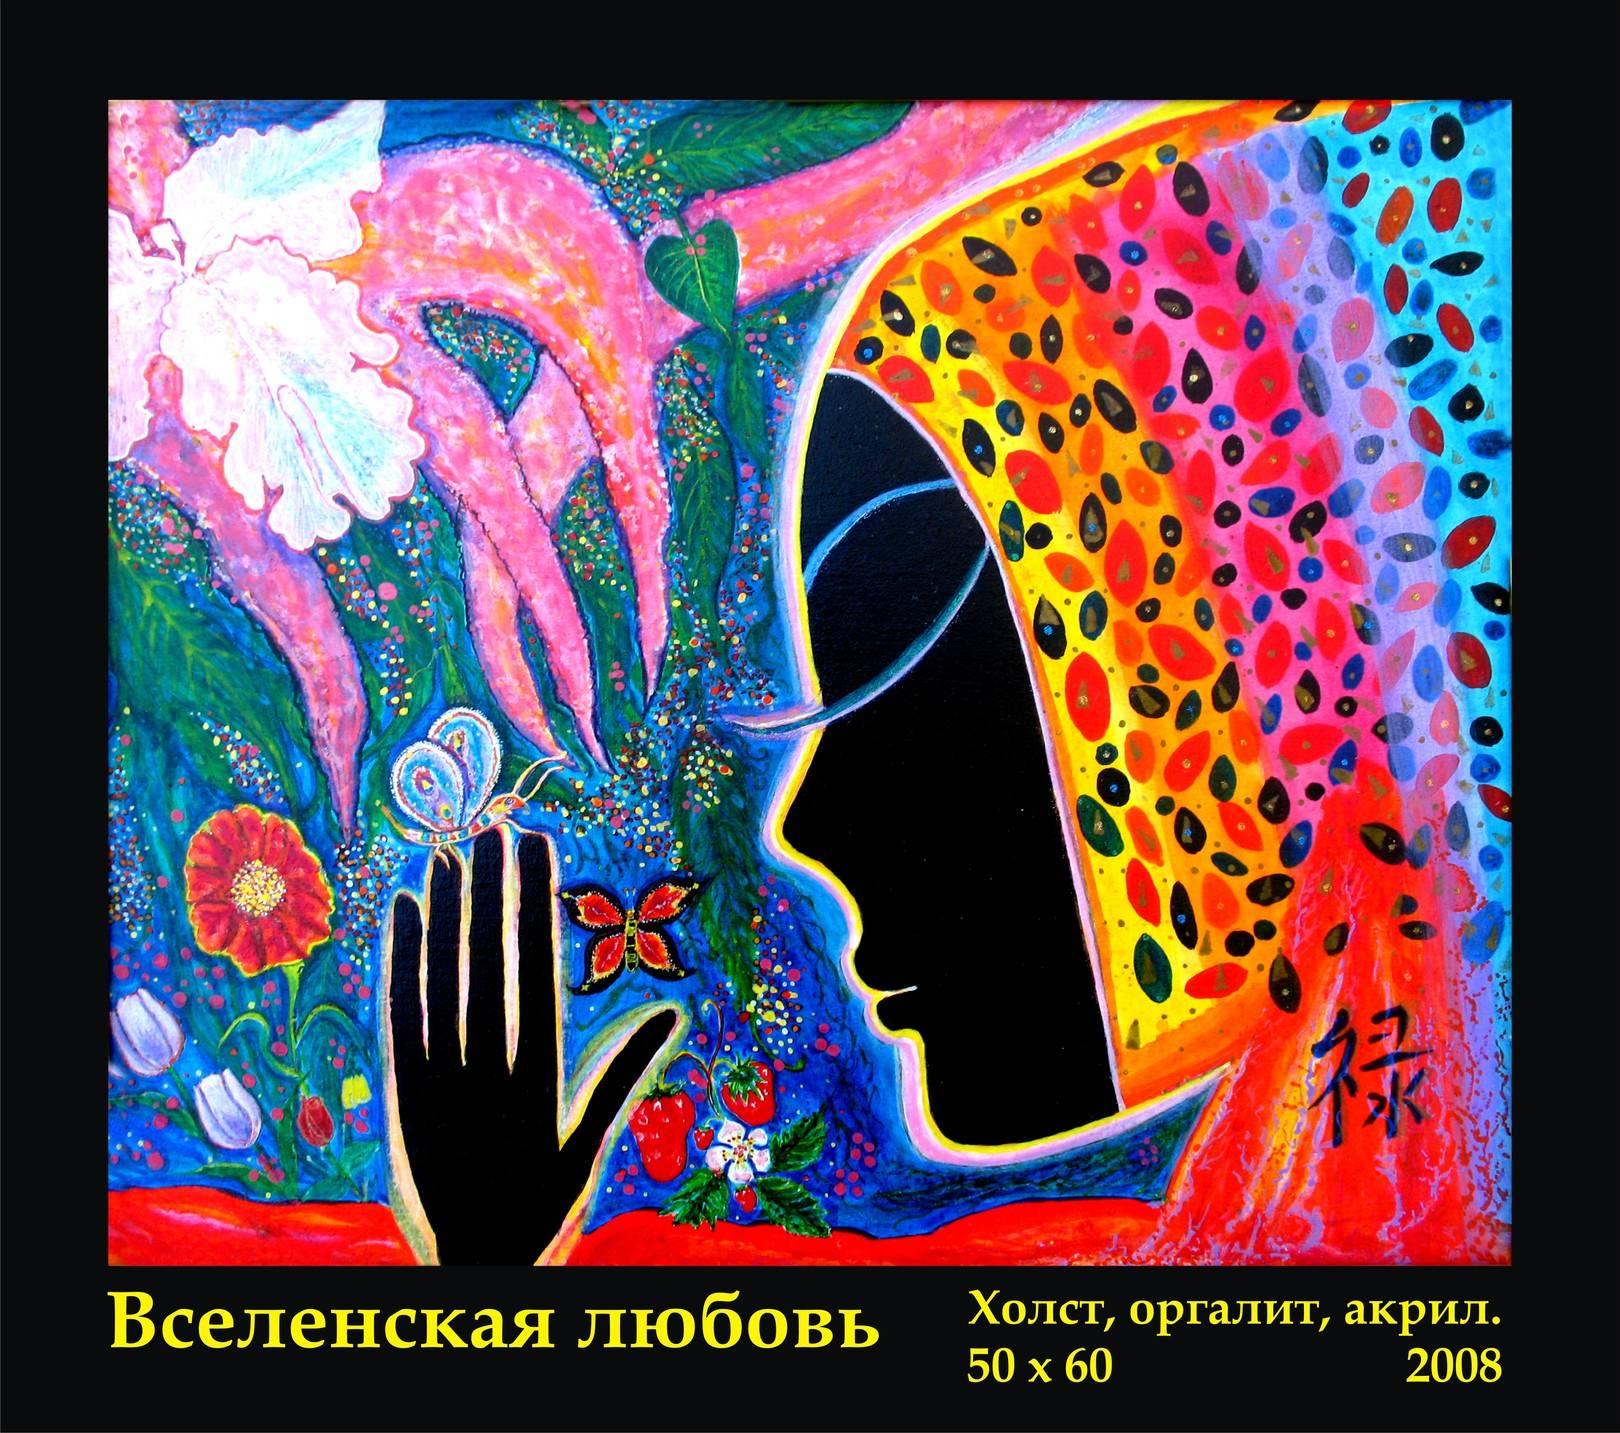 изобразительное искусство .Мир Добра и Света .